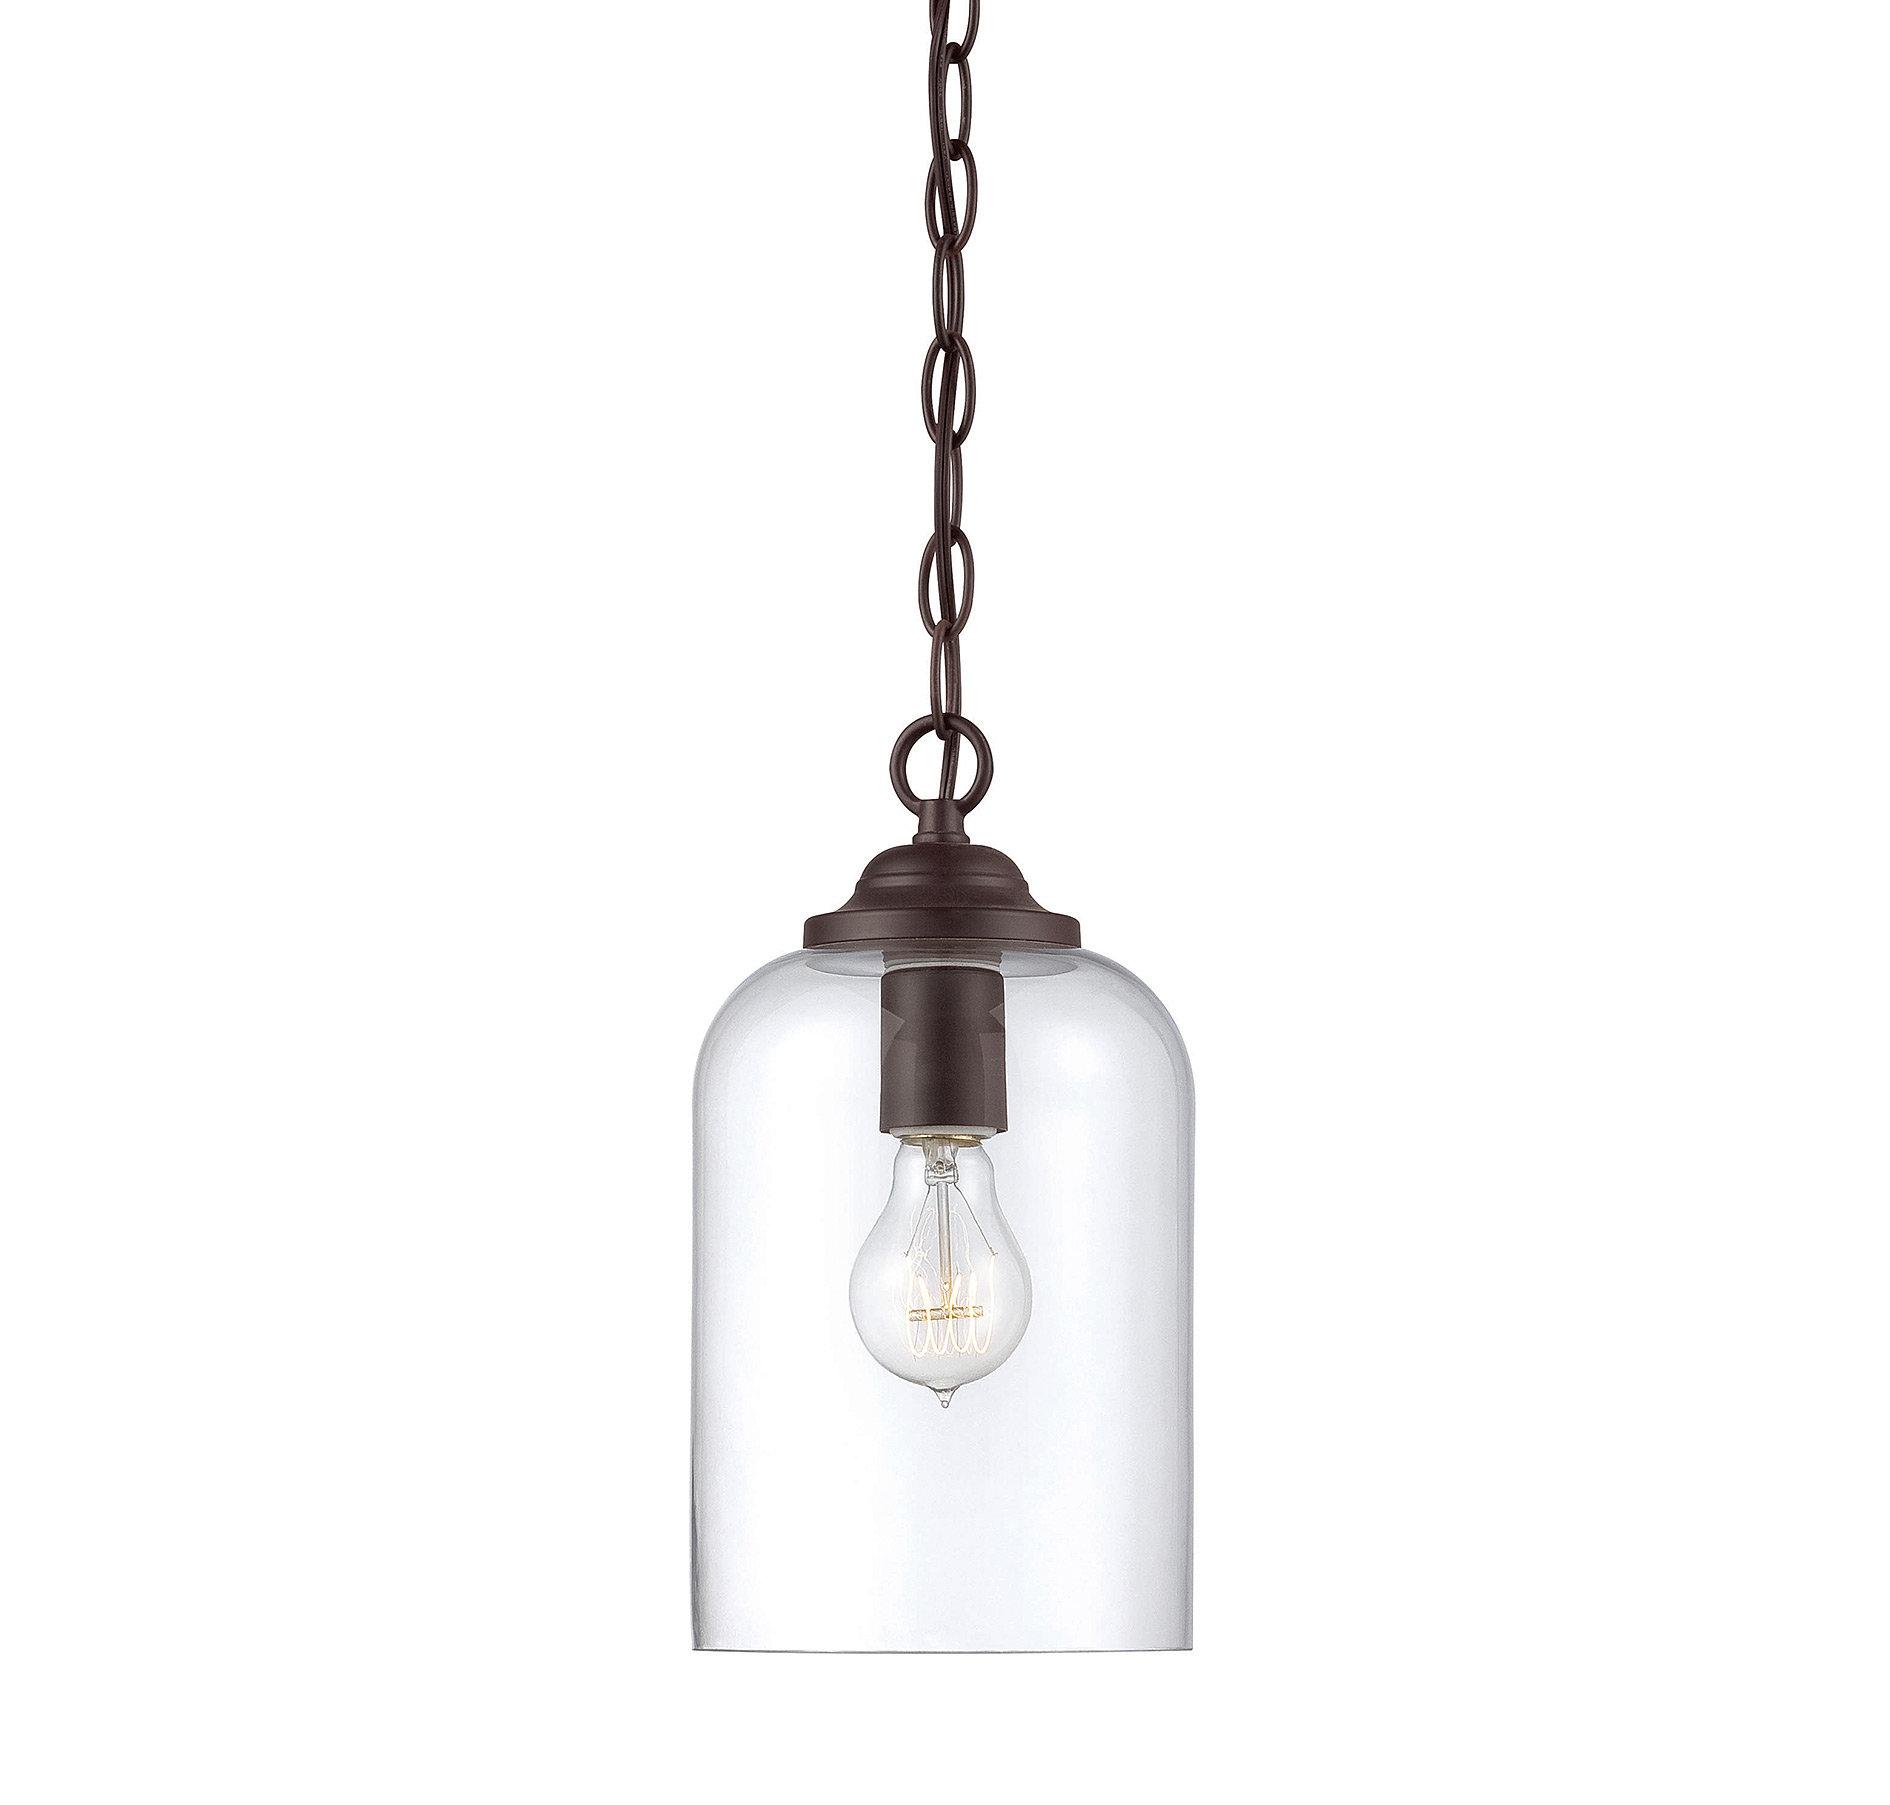 Silber 1 Light Single Bell Pendant For Carey 1 Light Single Bell Pendants (View 27 of 30)